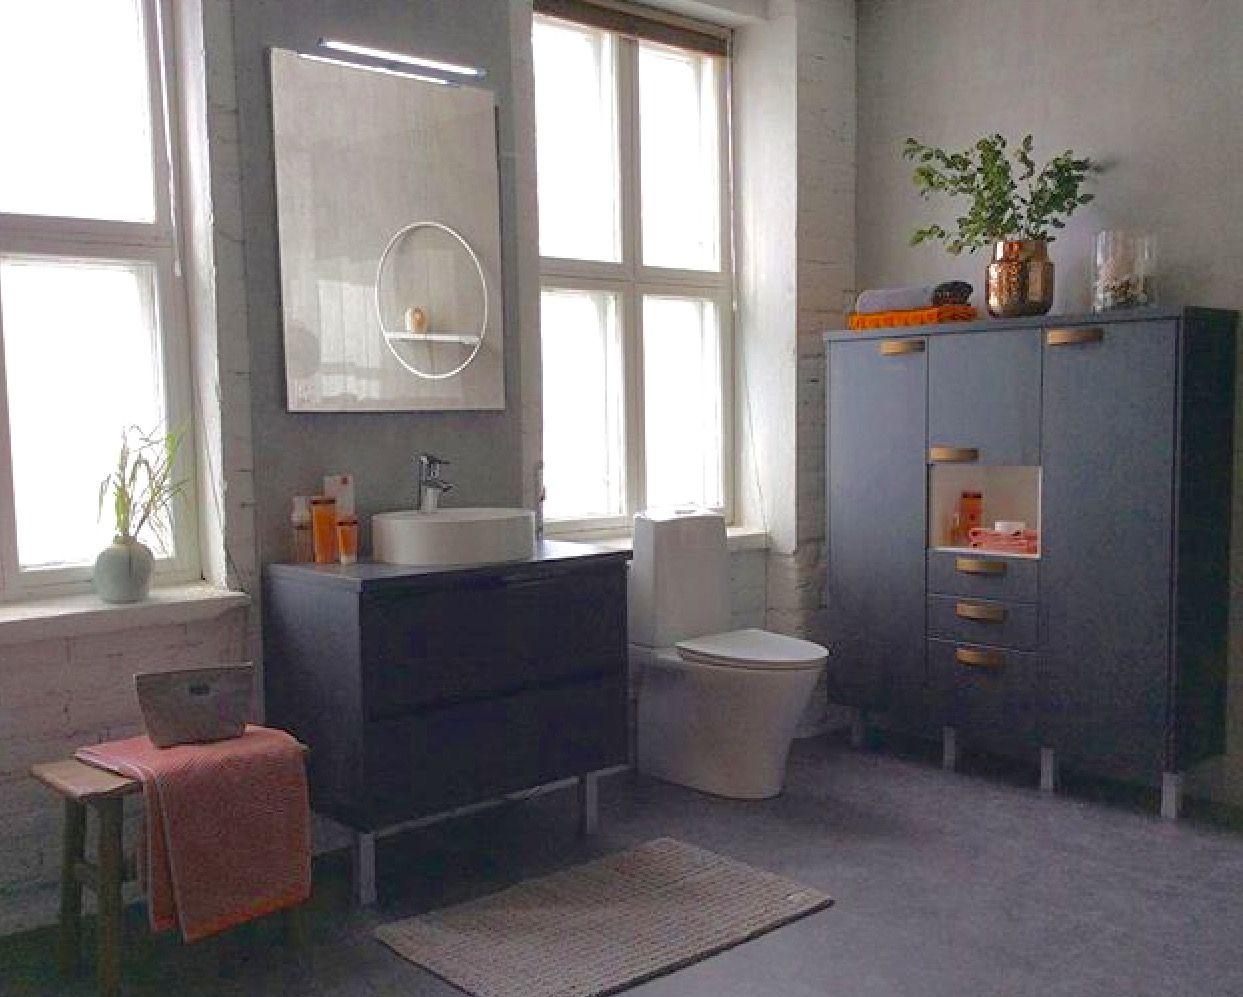 Topi-Keittiön kylpyhuone, ovimalli uusi Hiilipuu.